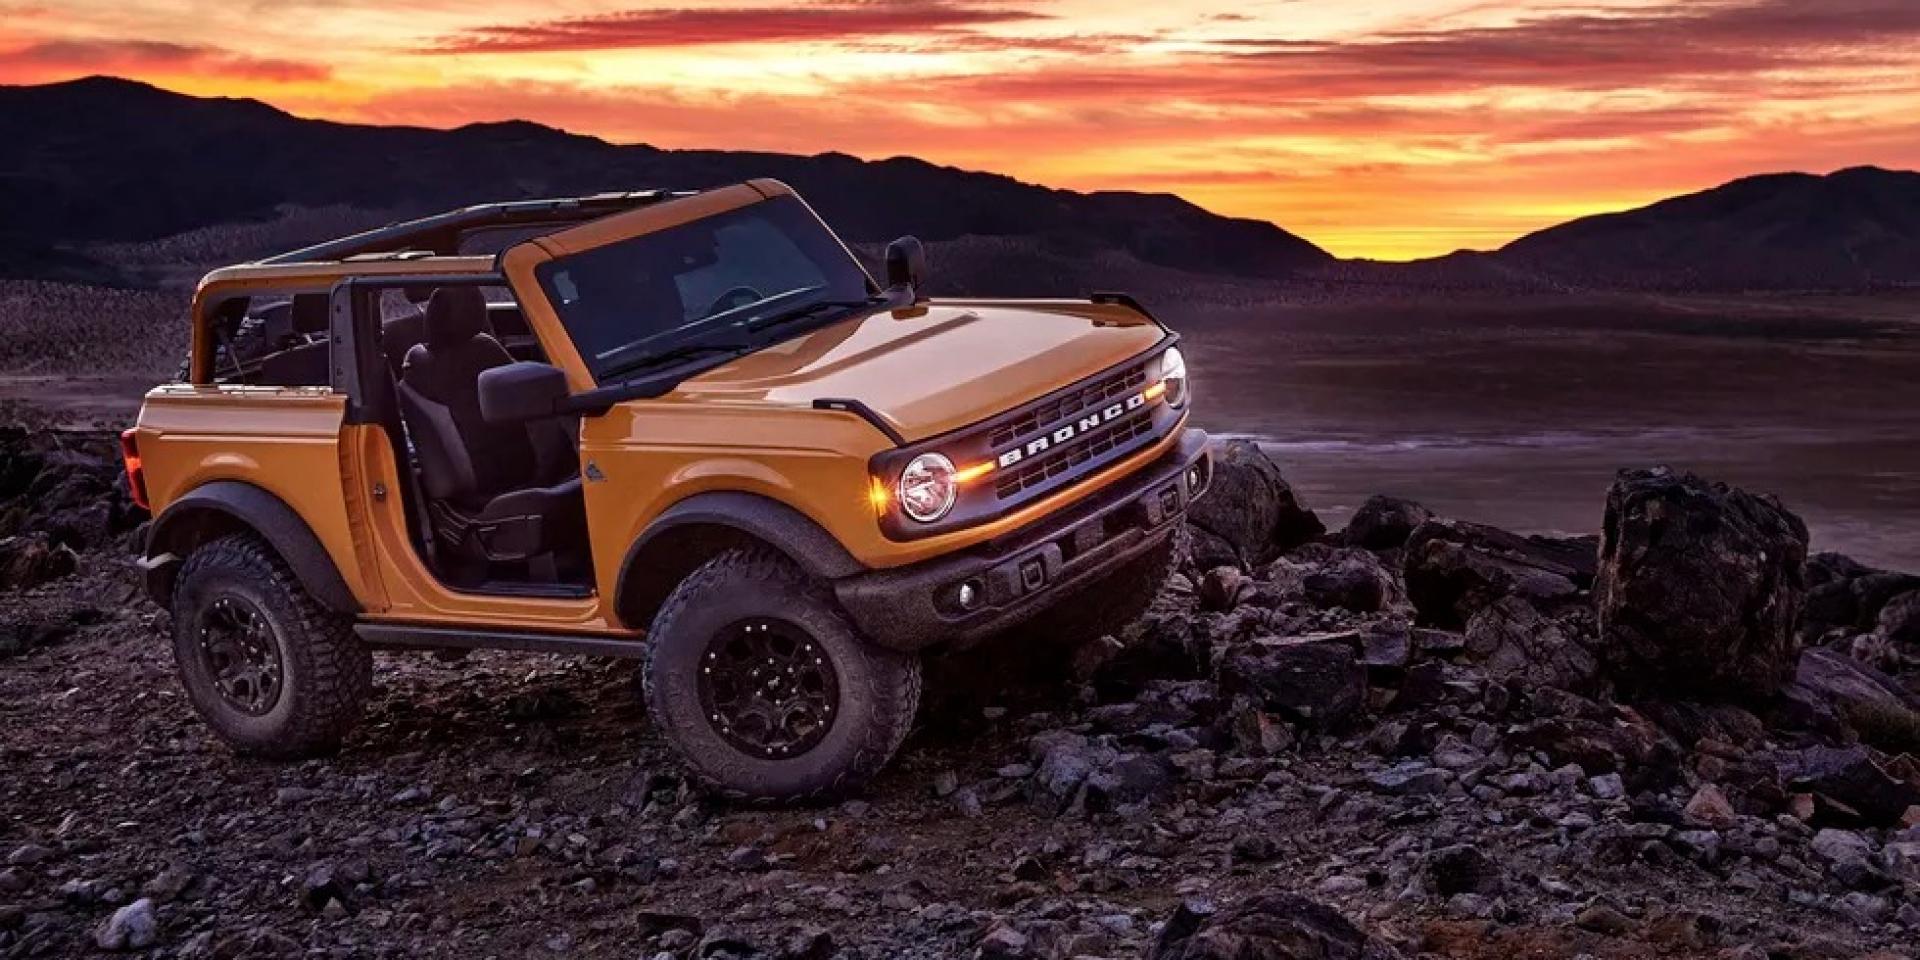 輪上扭力比Tesla Roadster還要強!Ford Bronco檔位解密!